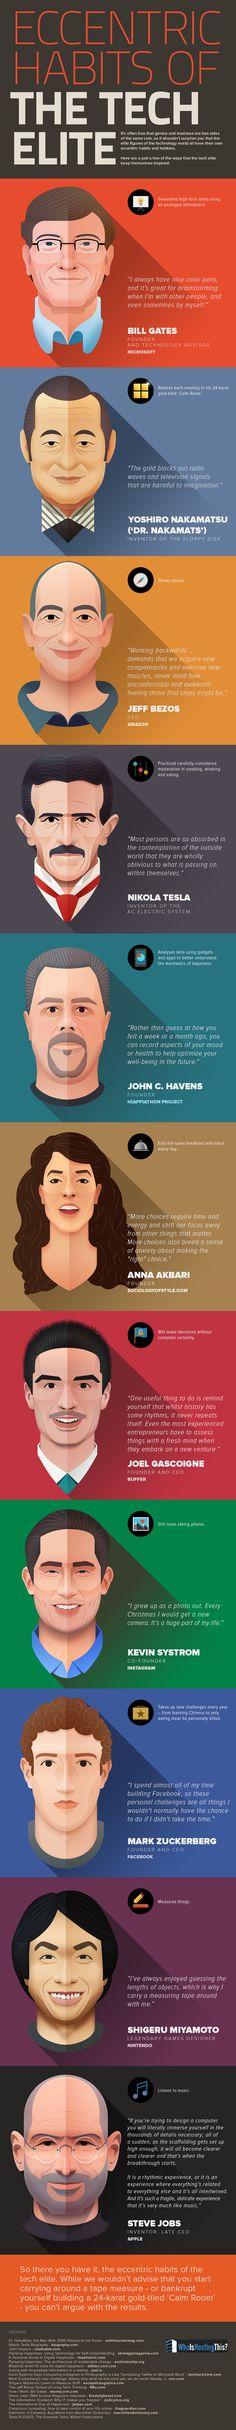 11 Eccentric Habits of #Tech Geniuses